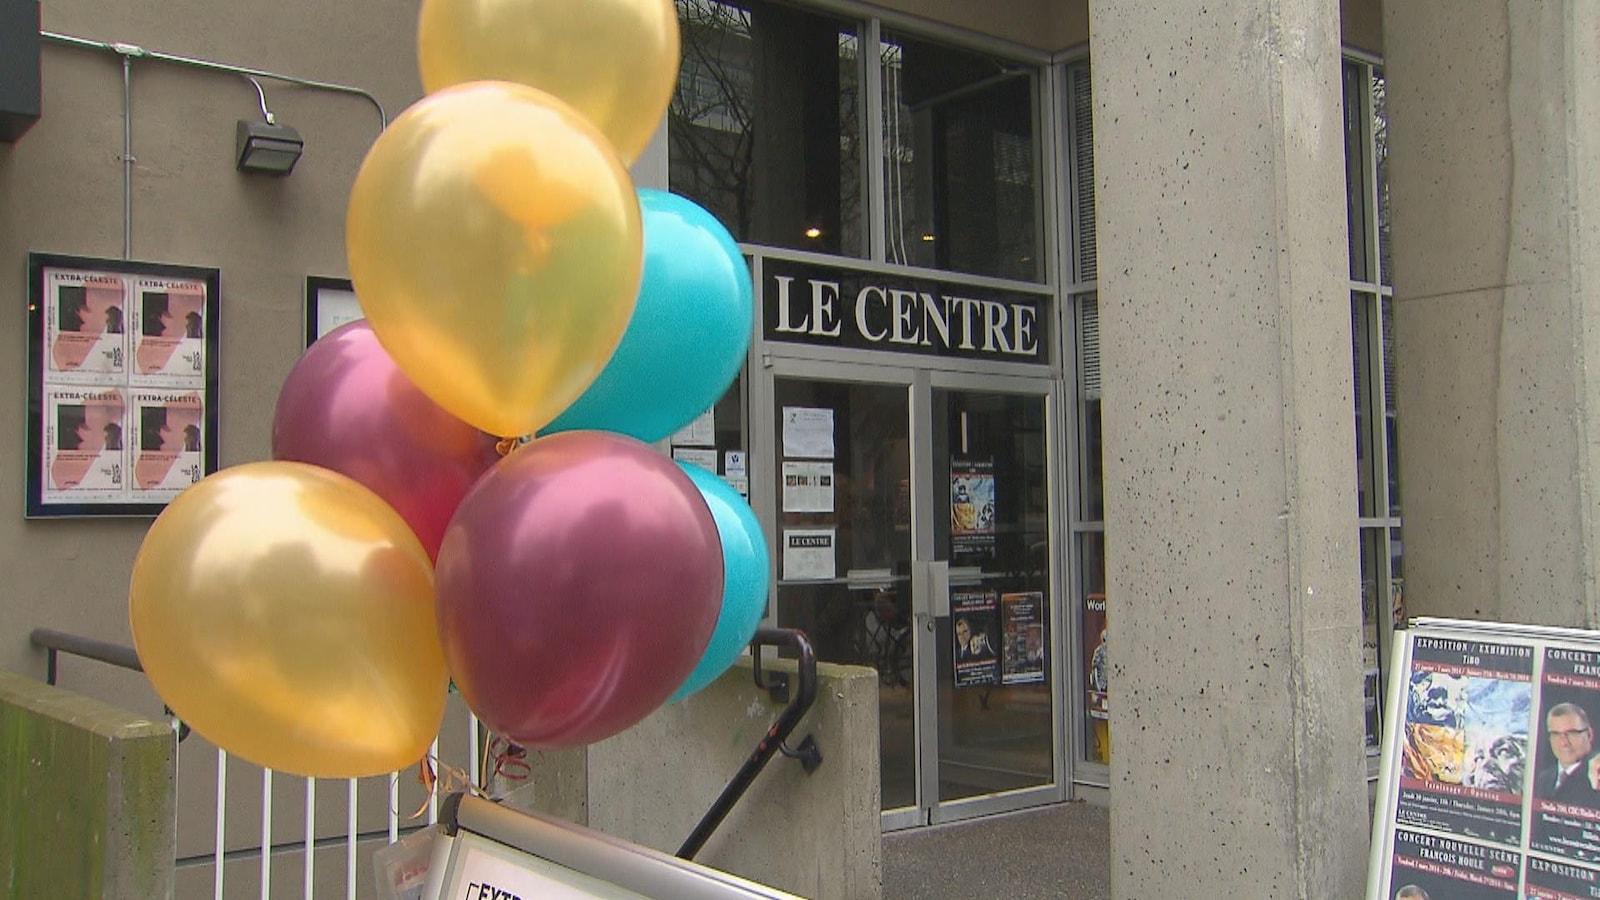 L'entrée de la Maison de la Francophonie qui abrite le Centre culturel francophone de Vancouver.